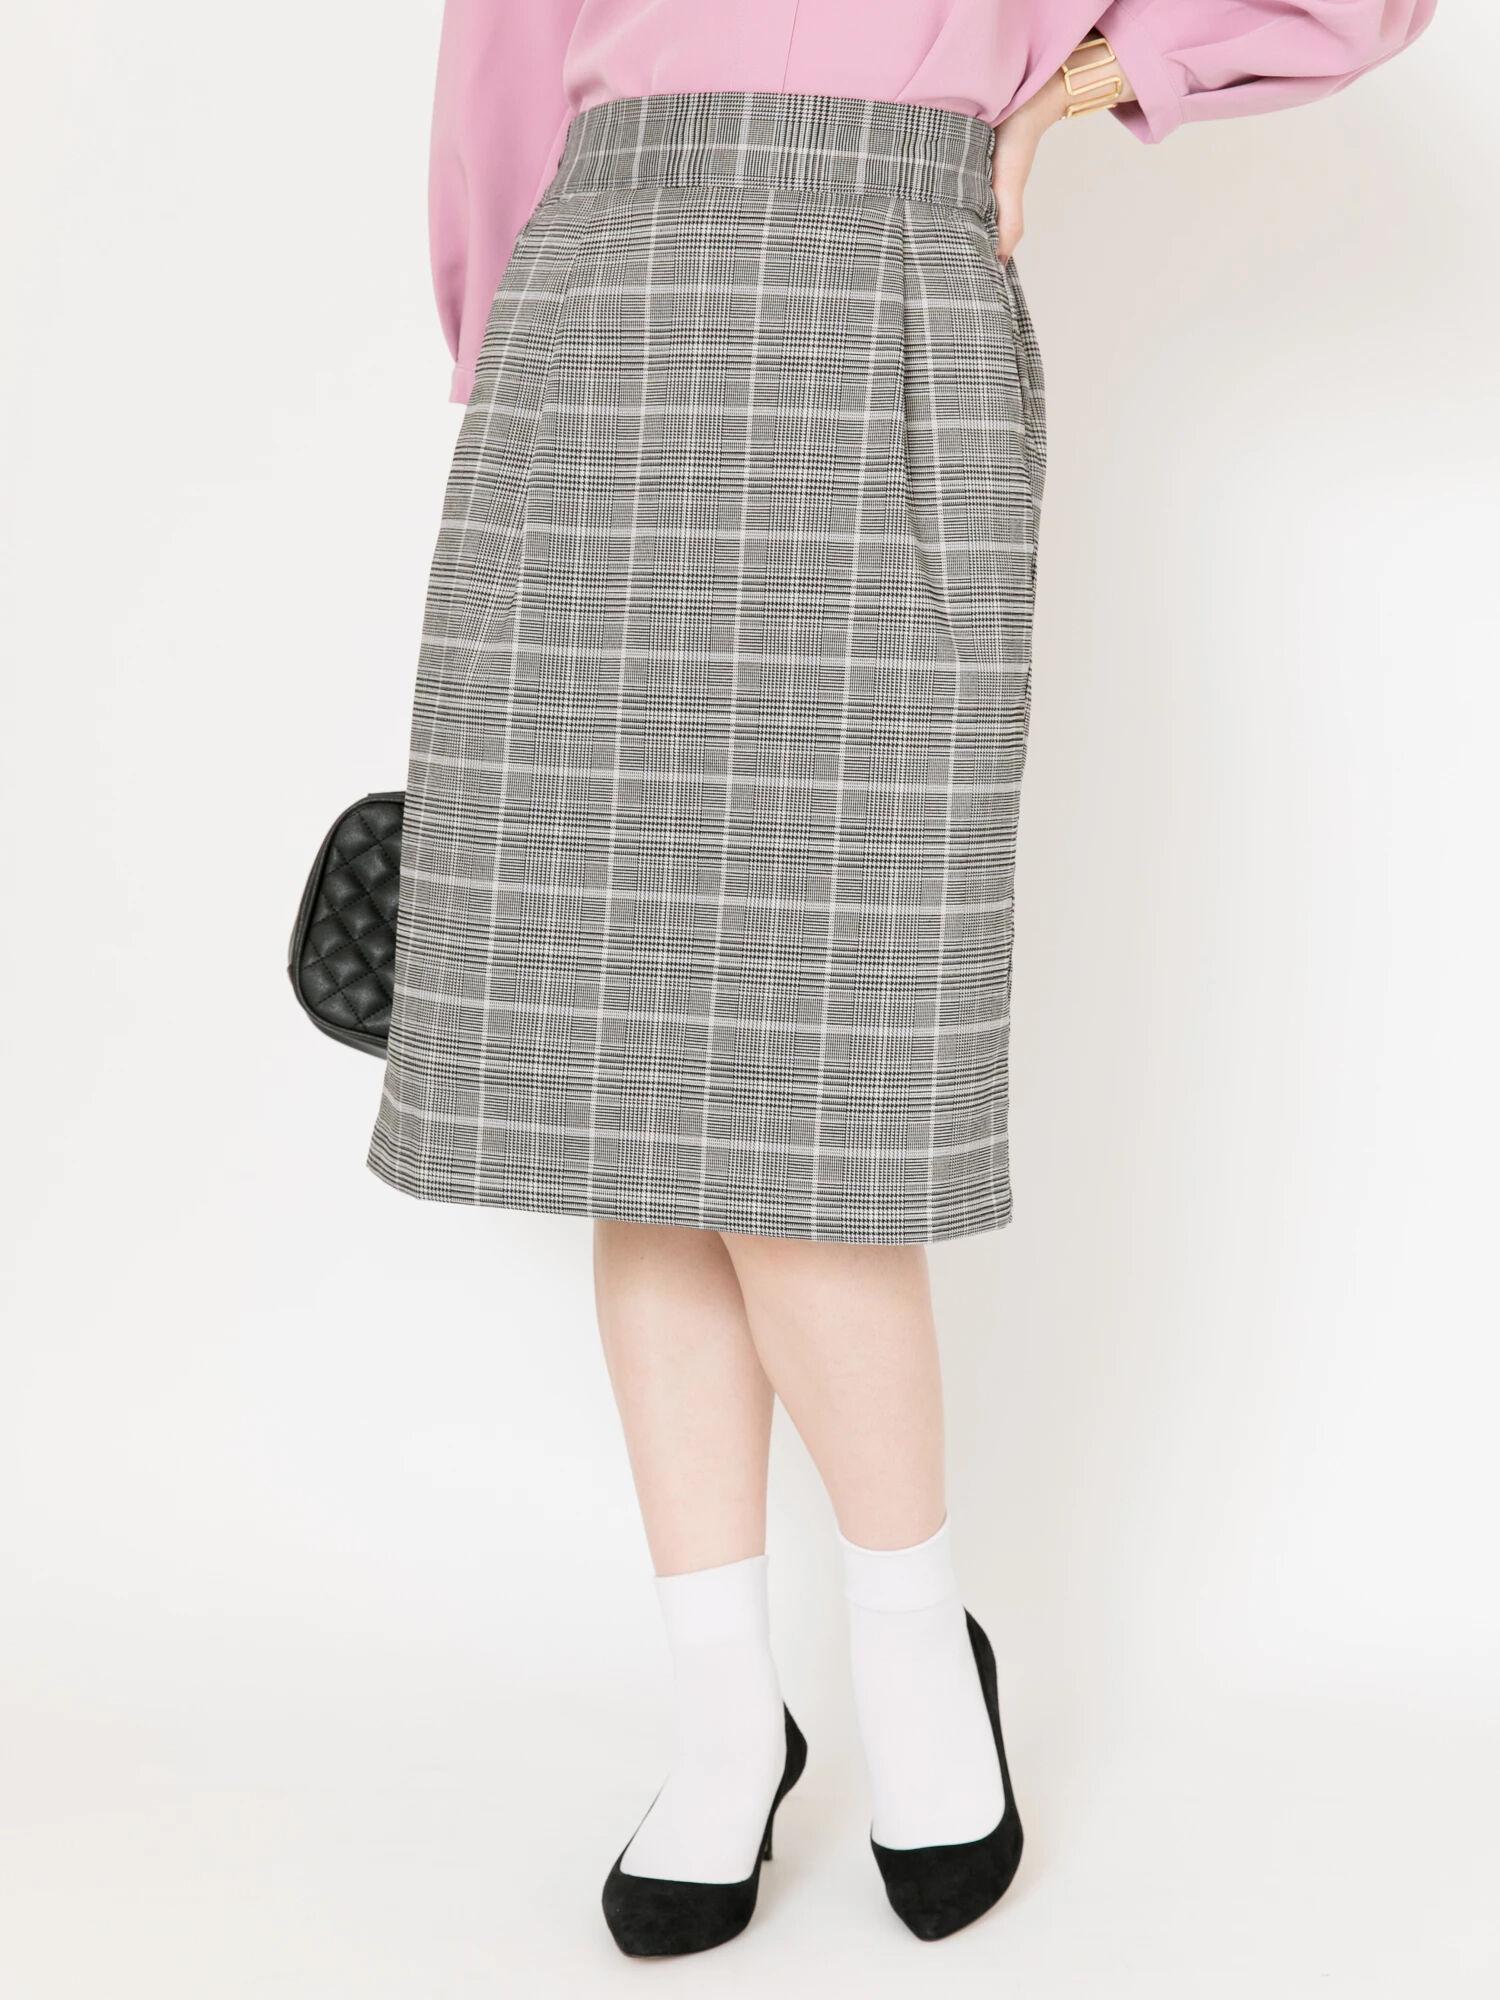 ・すきな丈ミディチェックタイトスカート